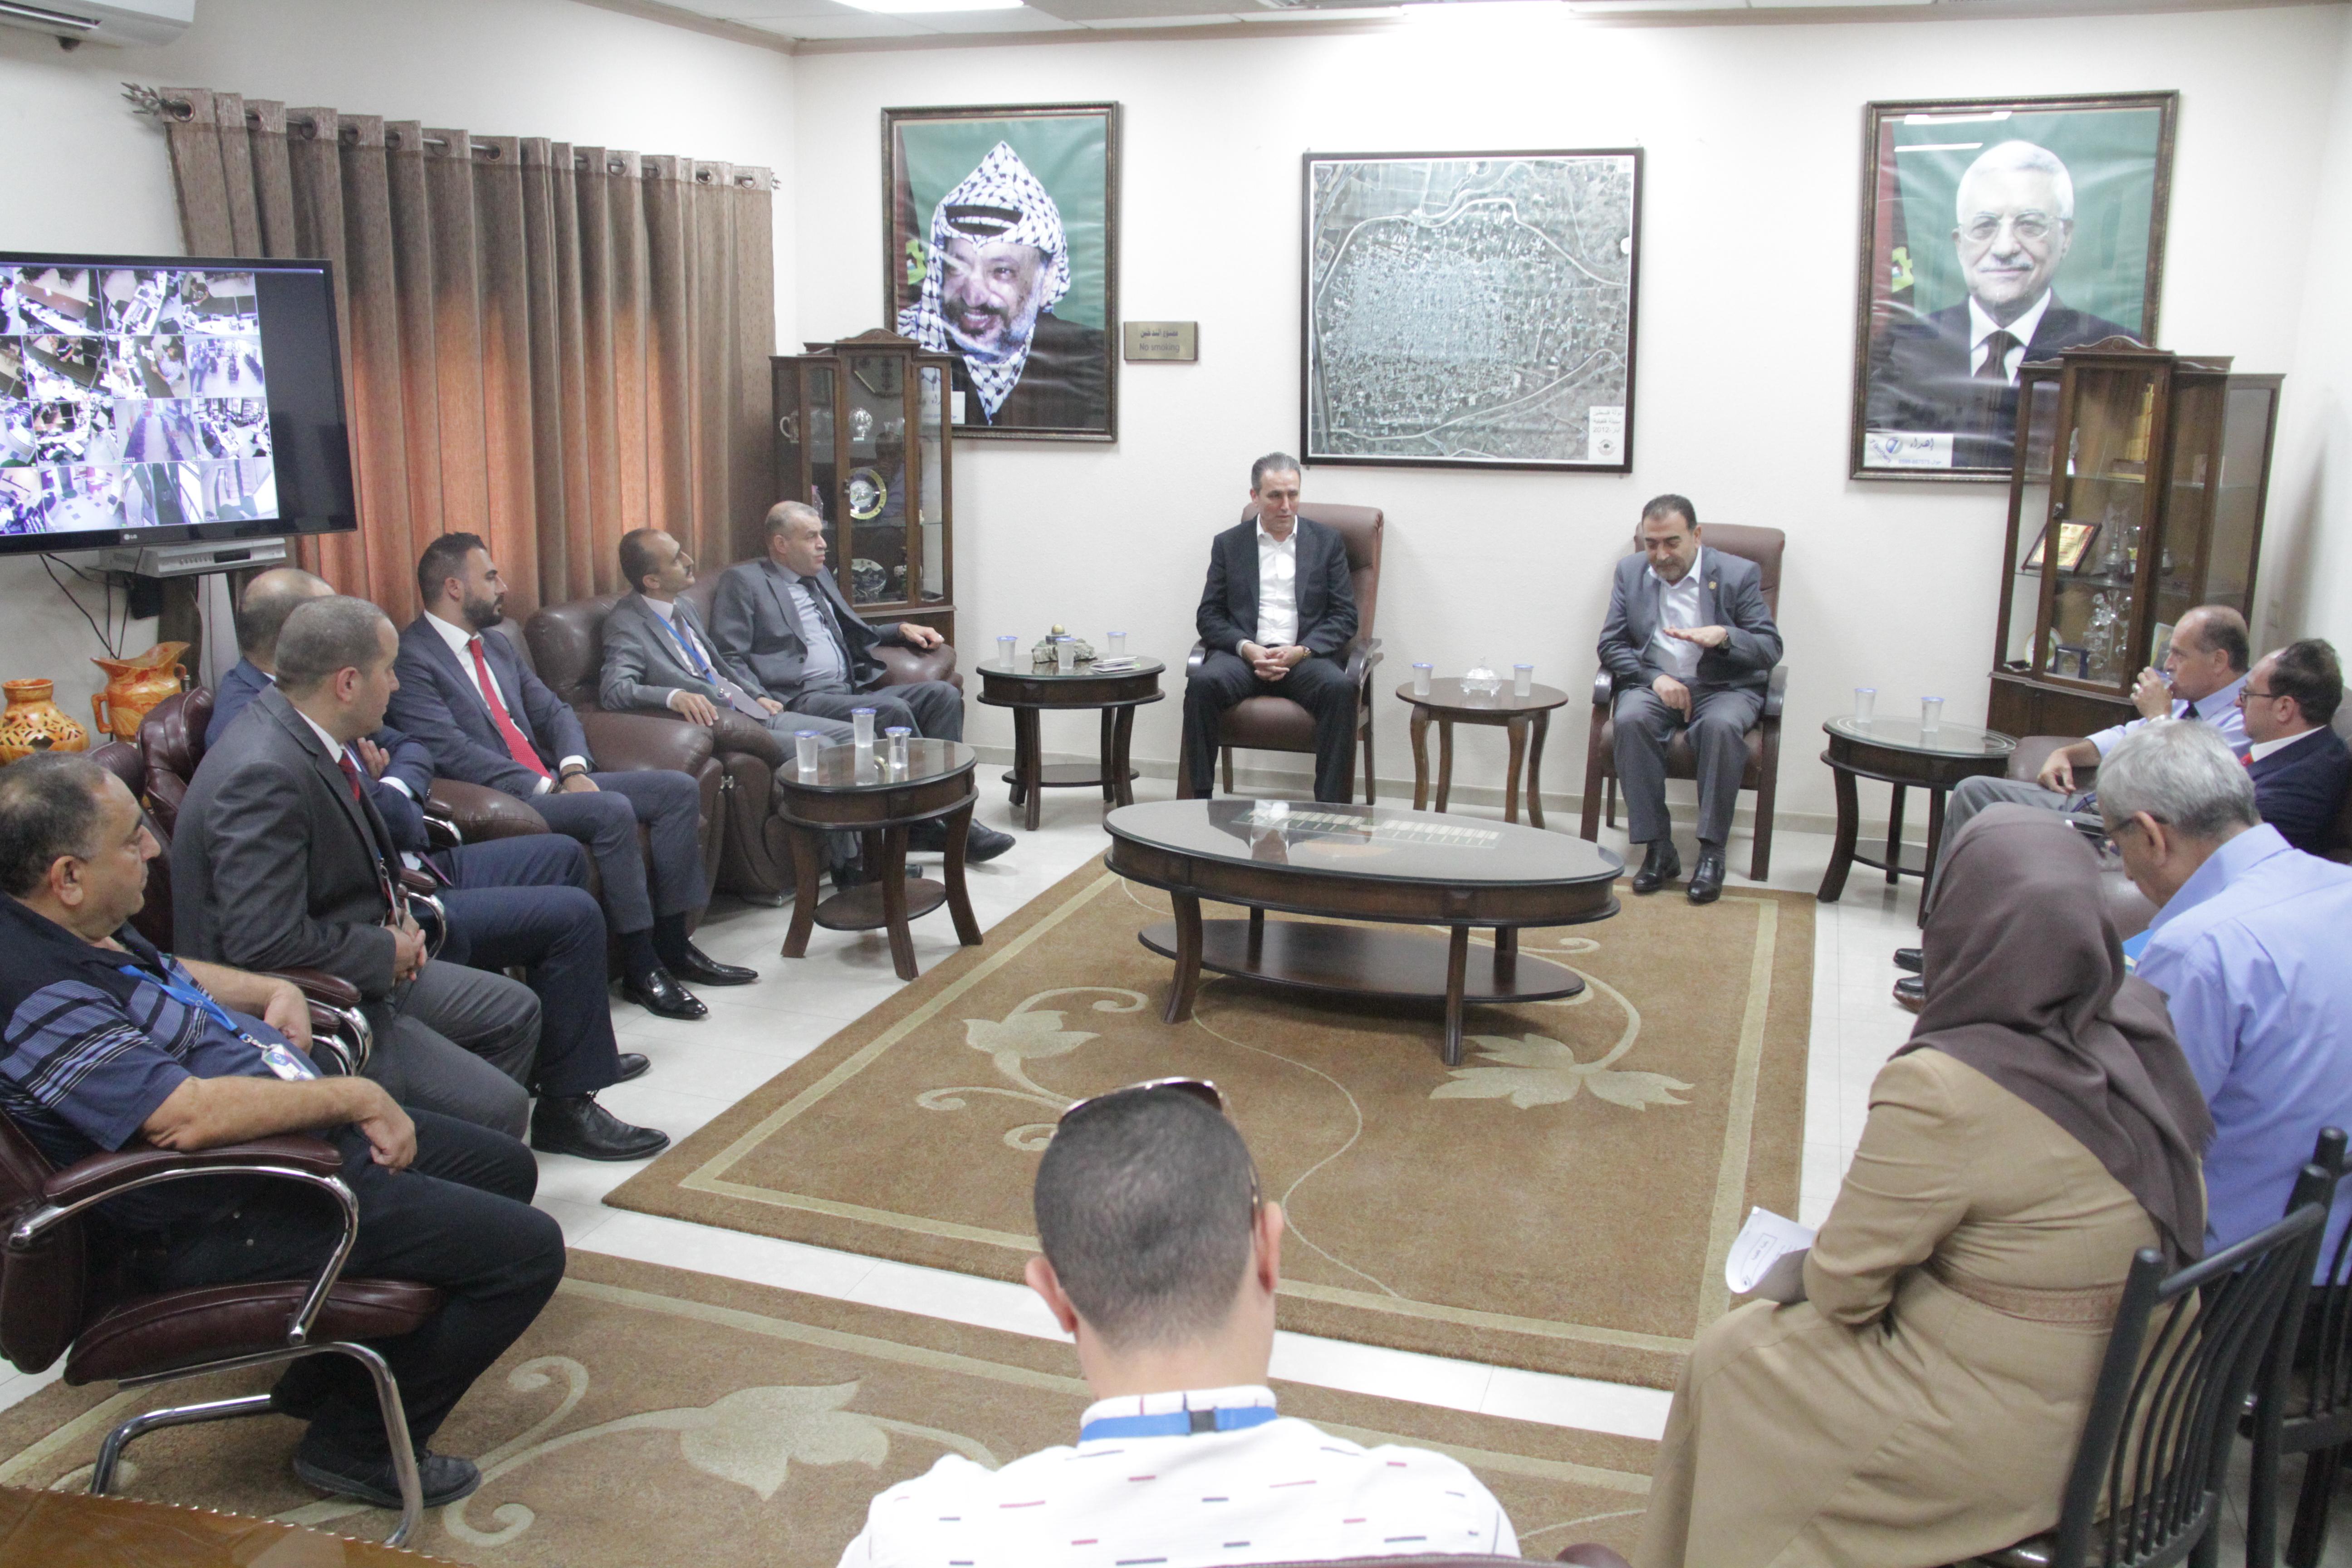 رئيس البلدية يلتقي وفد من شركة الاتصالات الفلسطيني